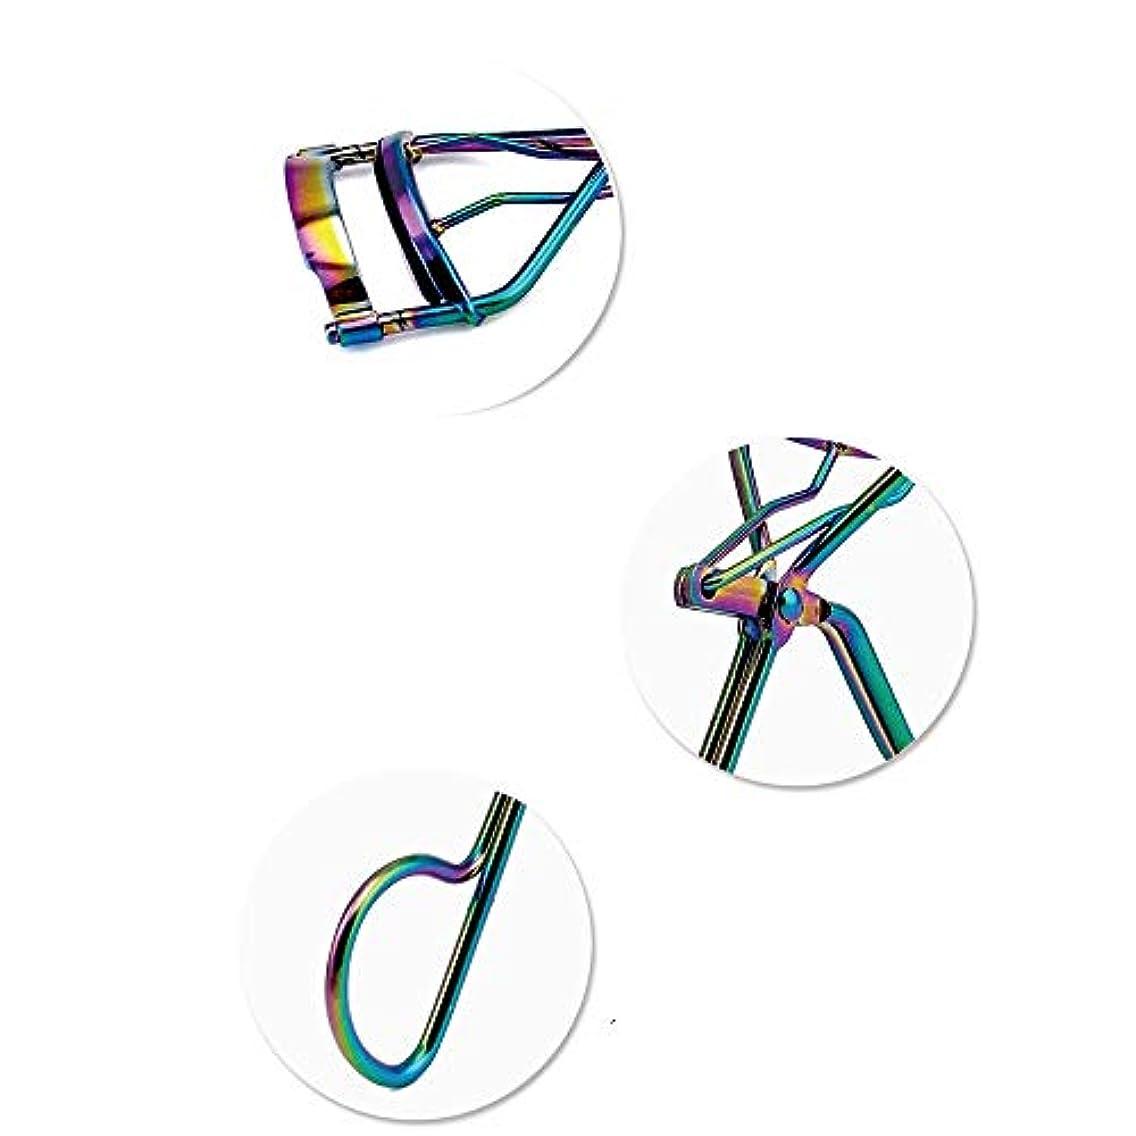 険しい導出セージプロフェッショナルハンドルアイカーリングまつげカーラークリップ美容メイクツール新機能